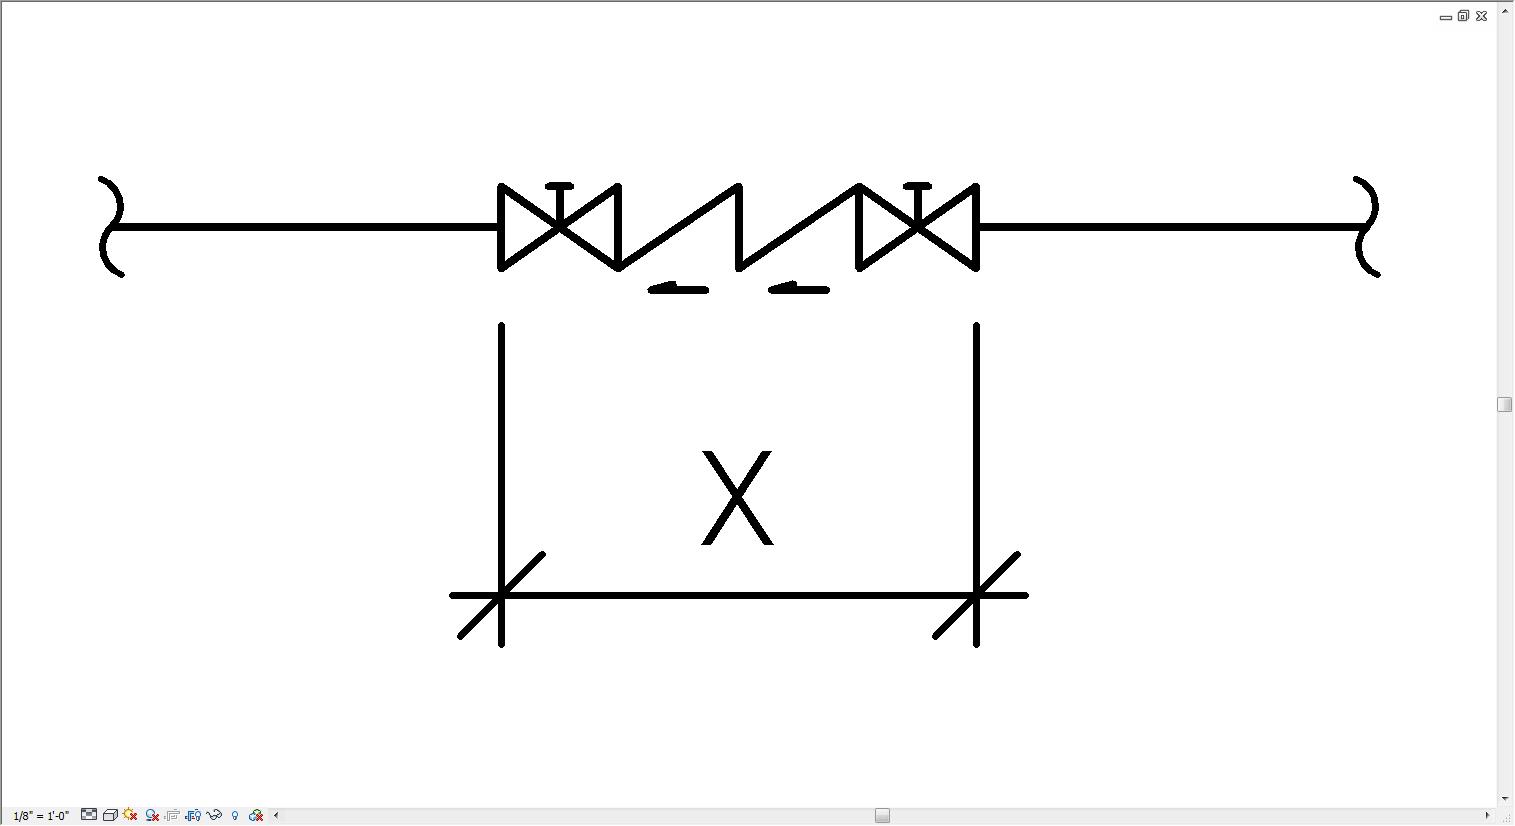 Valve Diagram Symbols